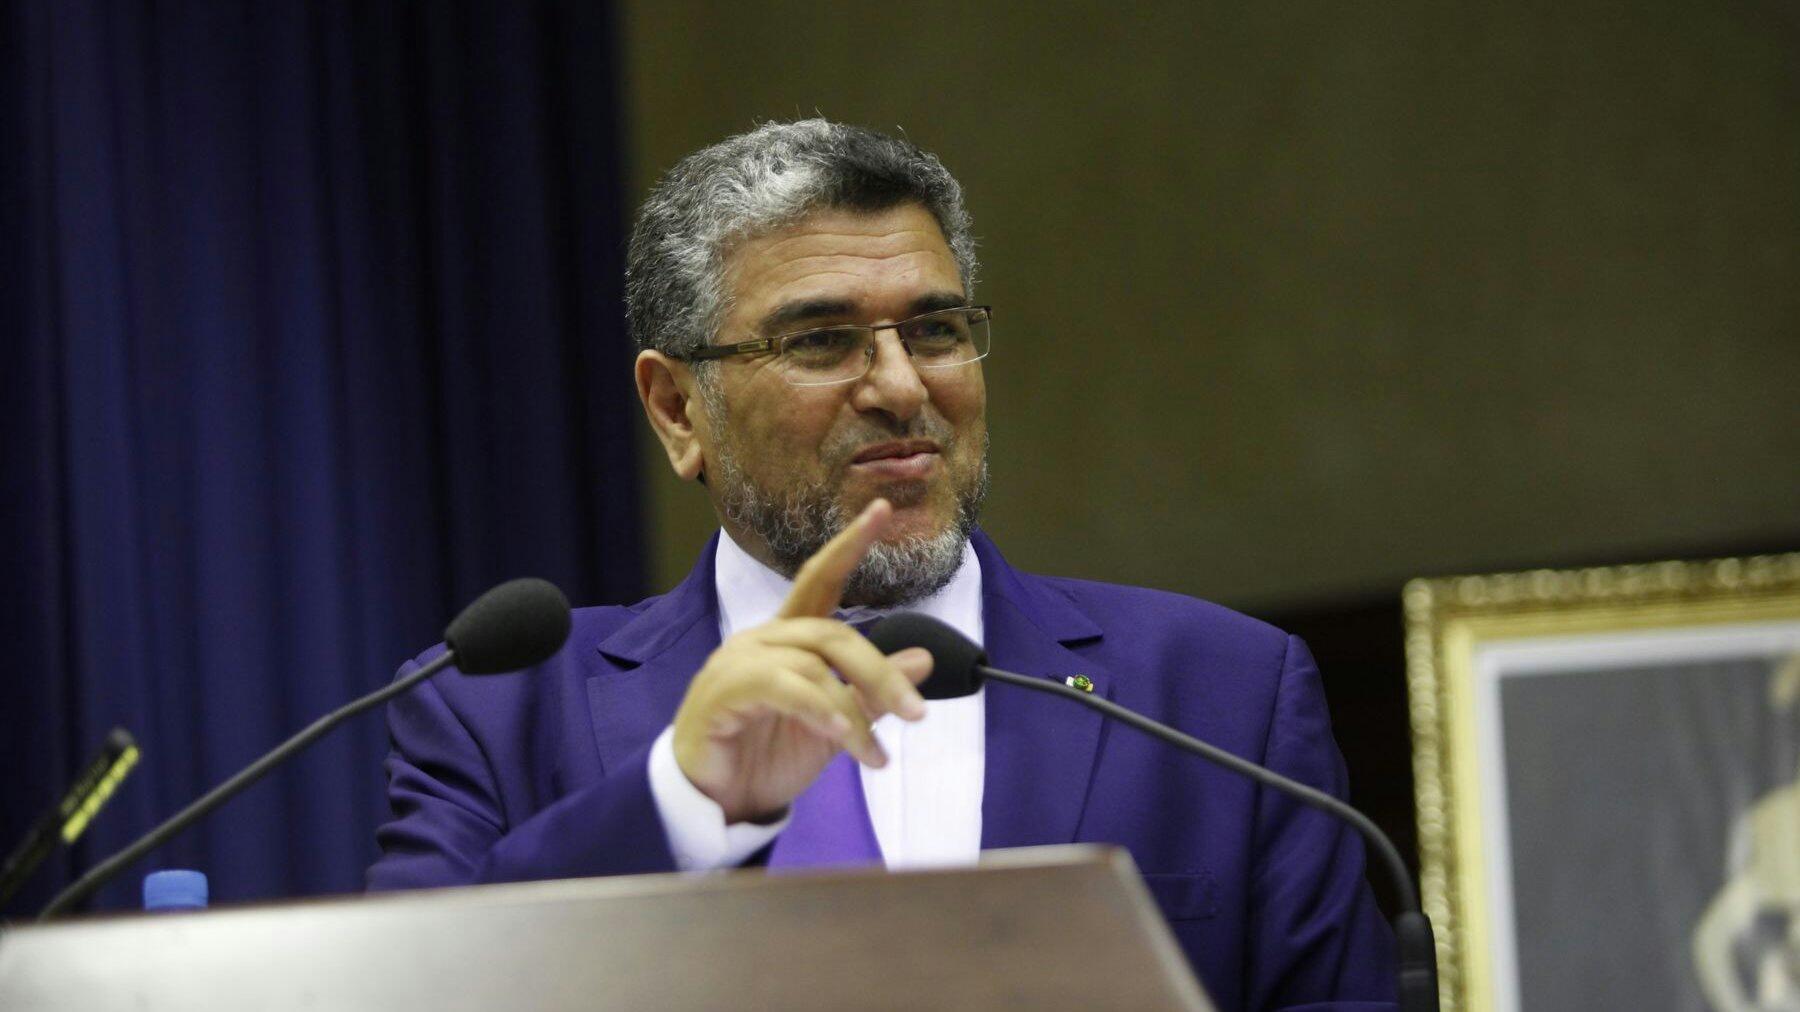 لجنة العدل تعجل بمناقشة قانون السلطة القضائية بعد خطاب الملك